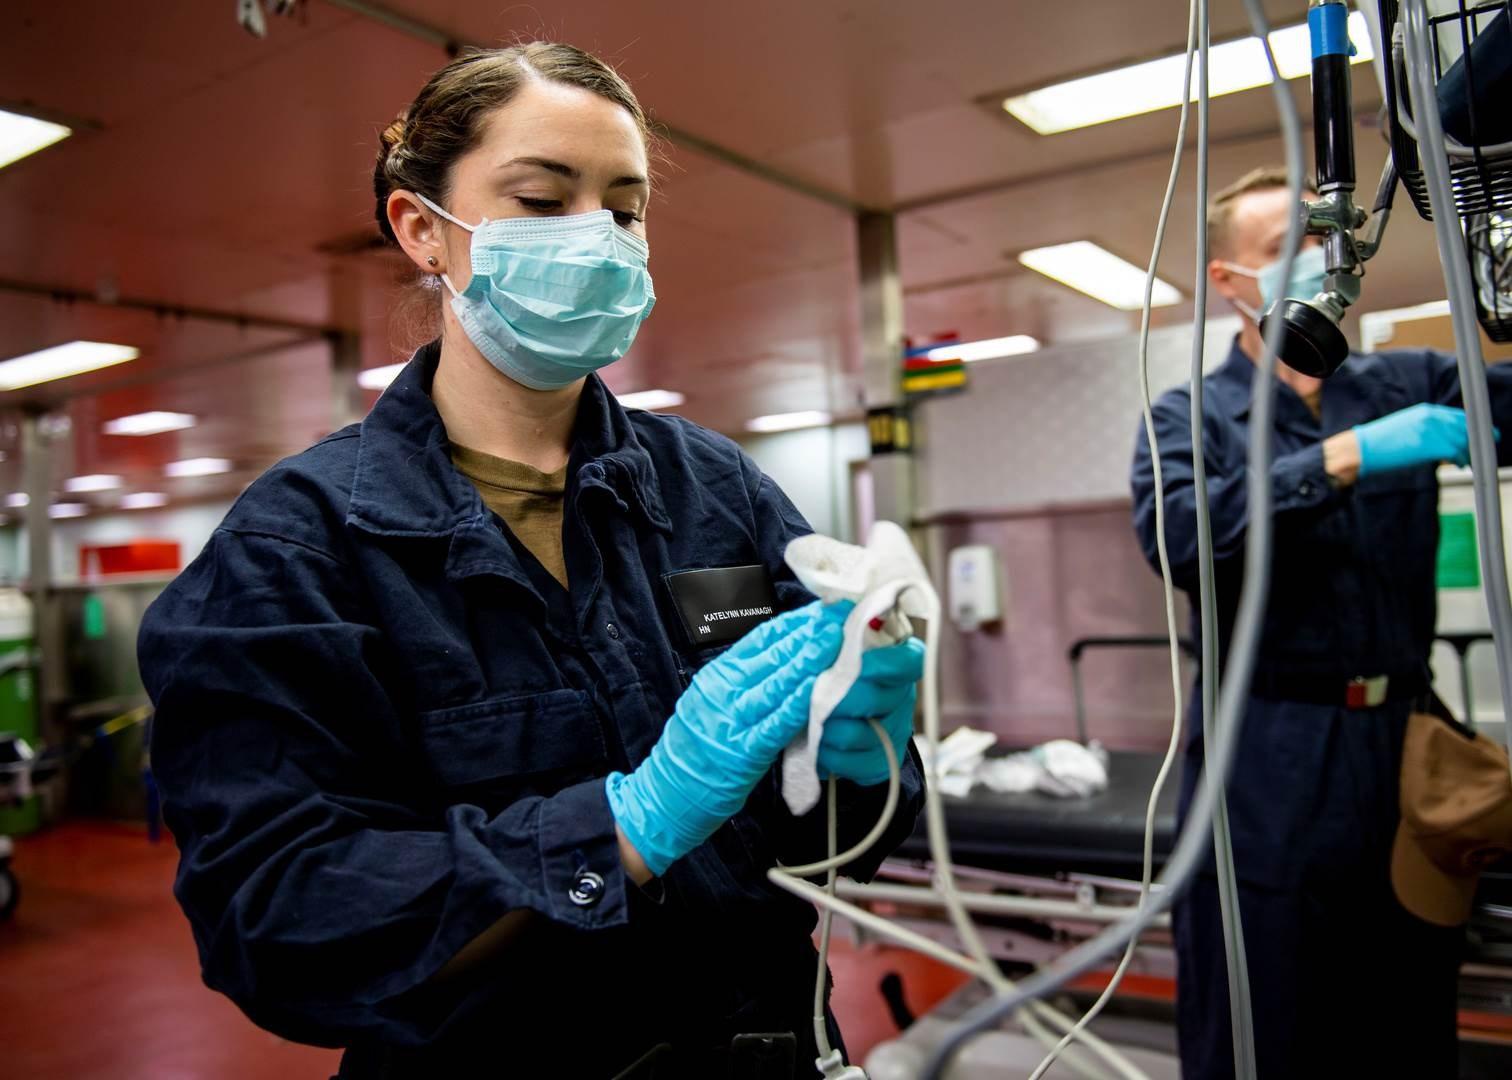 تجاوز عدد المصابين بفيروس كورونا 20 مليون إصابة حول العالم